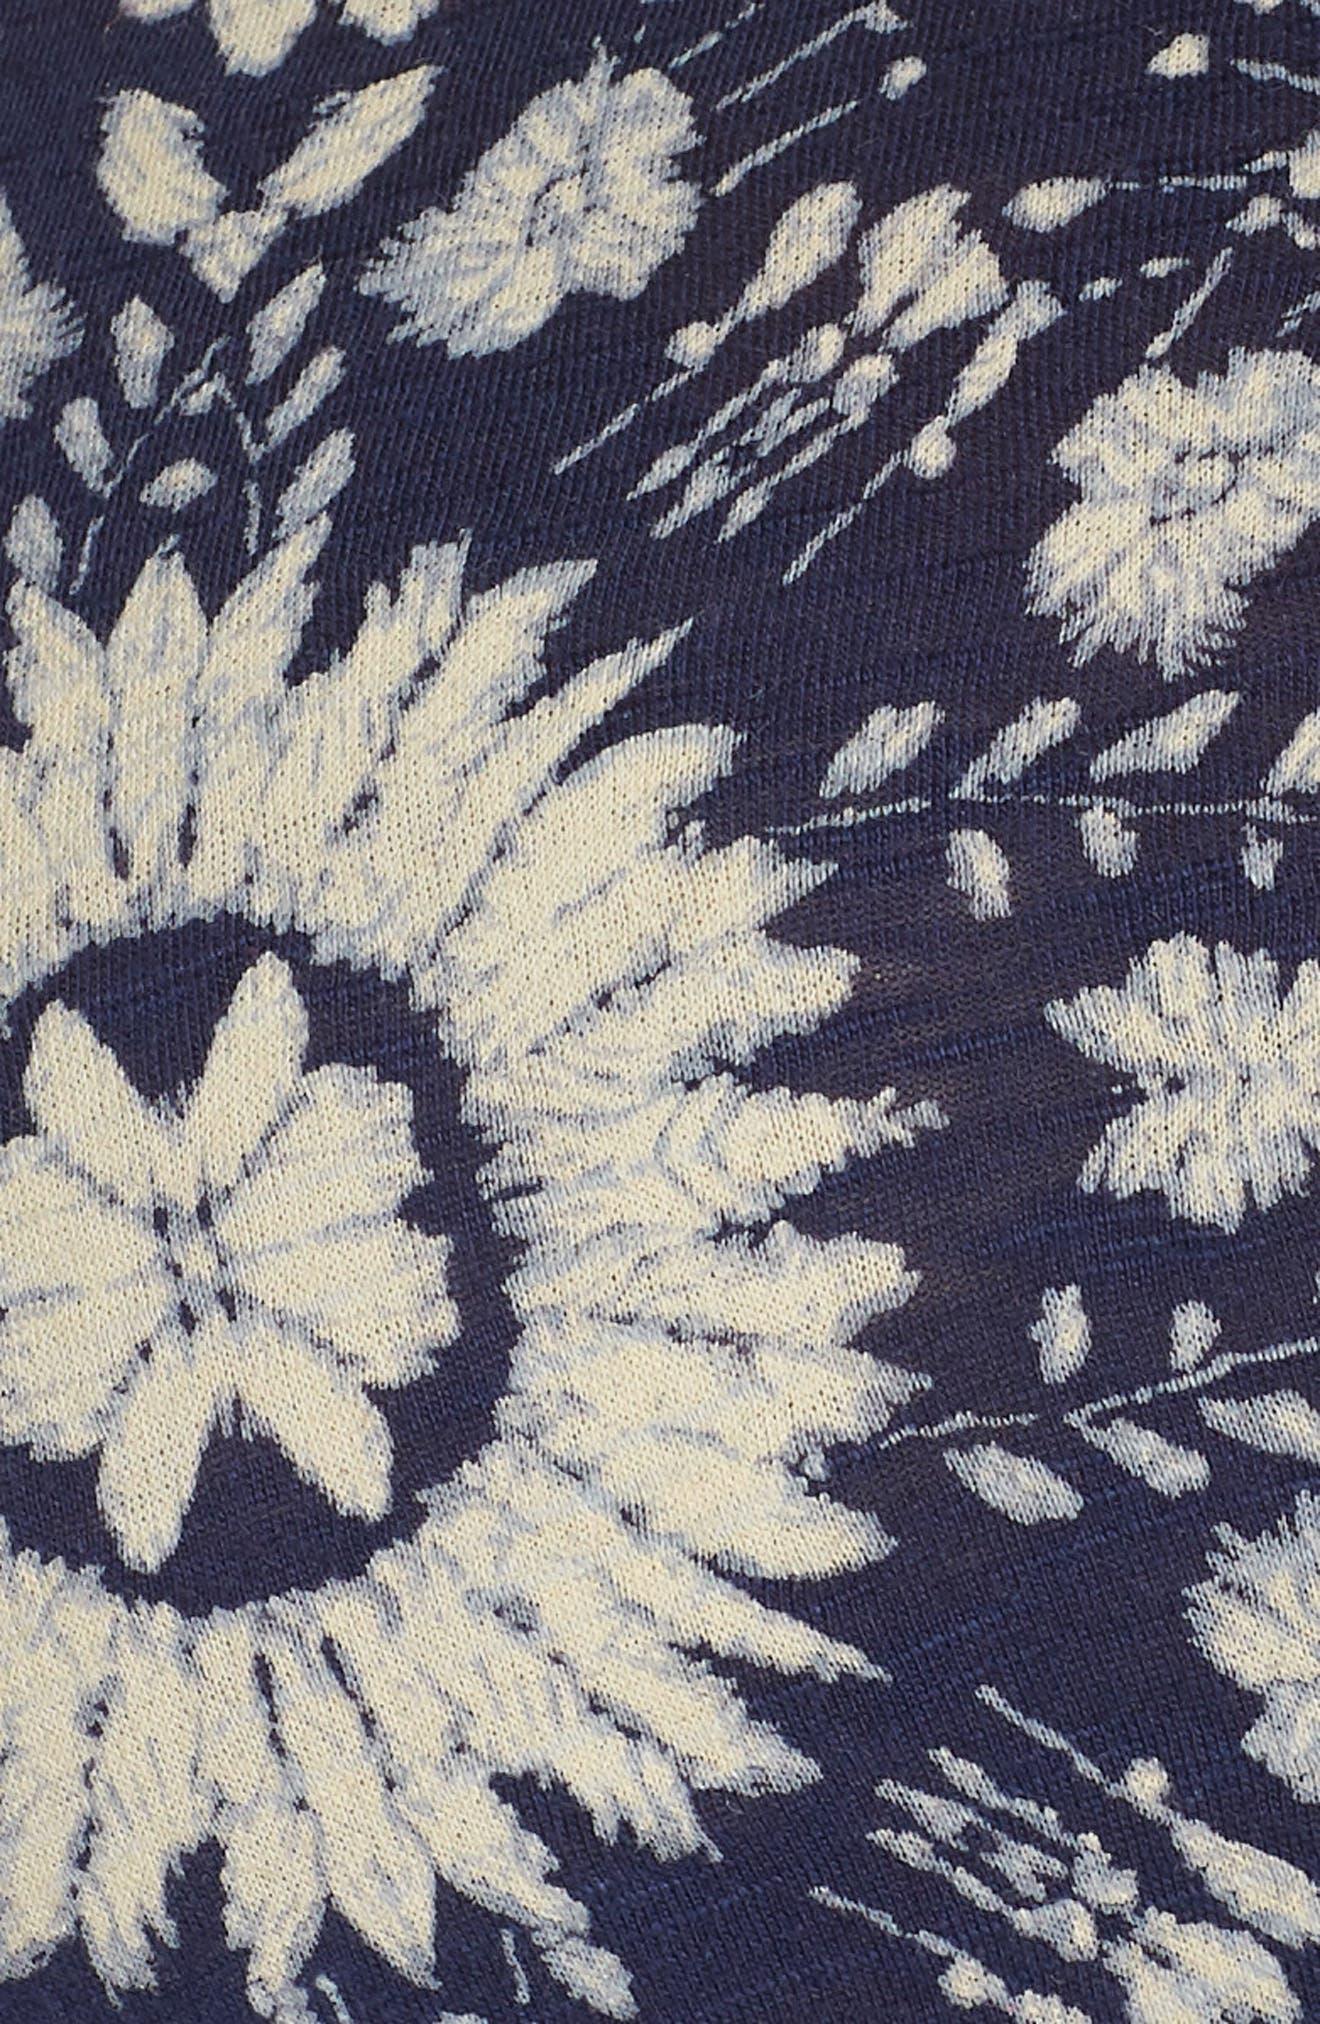 Cold Shoulder Print Belted Dress,                             Alternate thumbnail 6, color,                             460